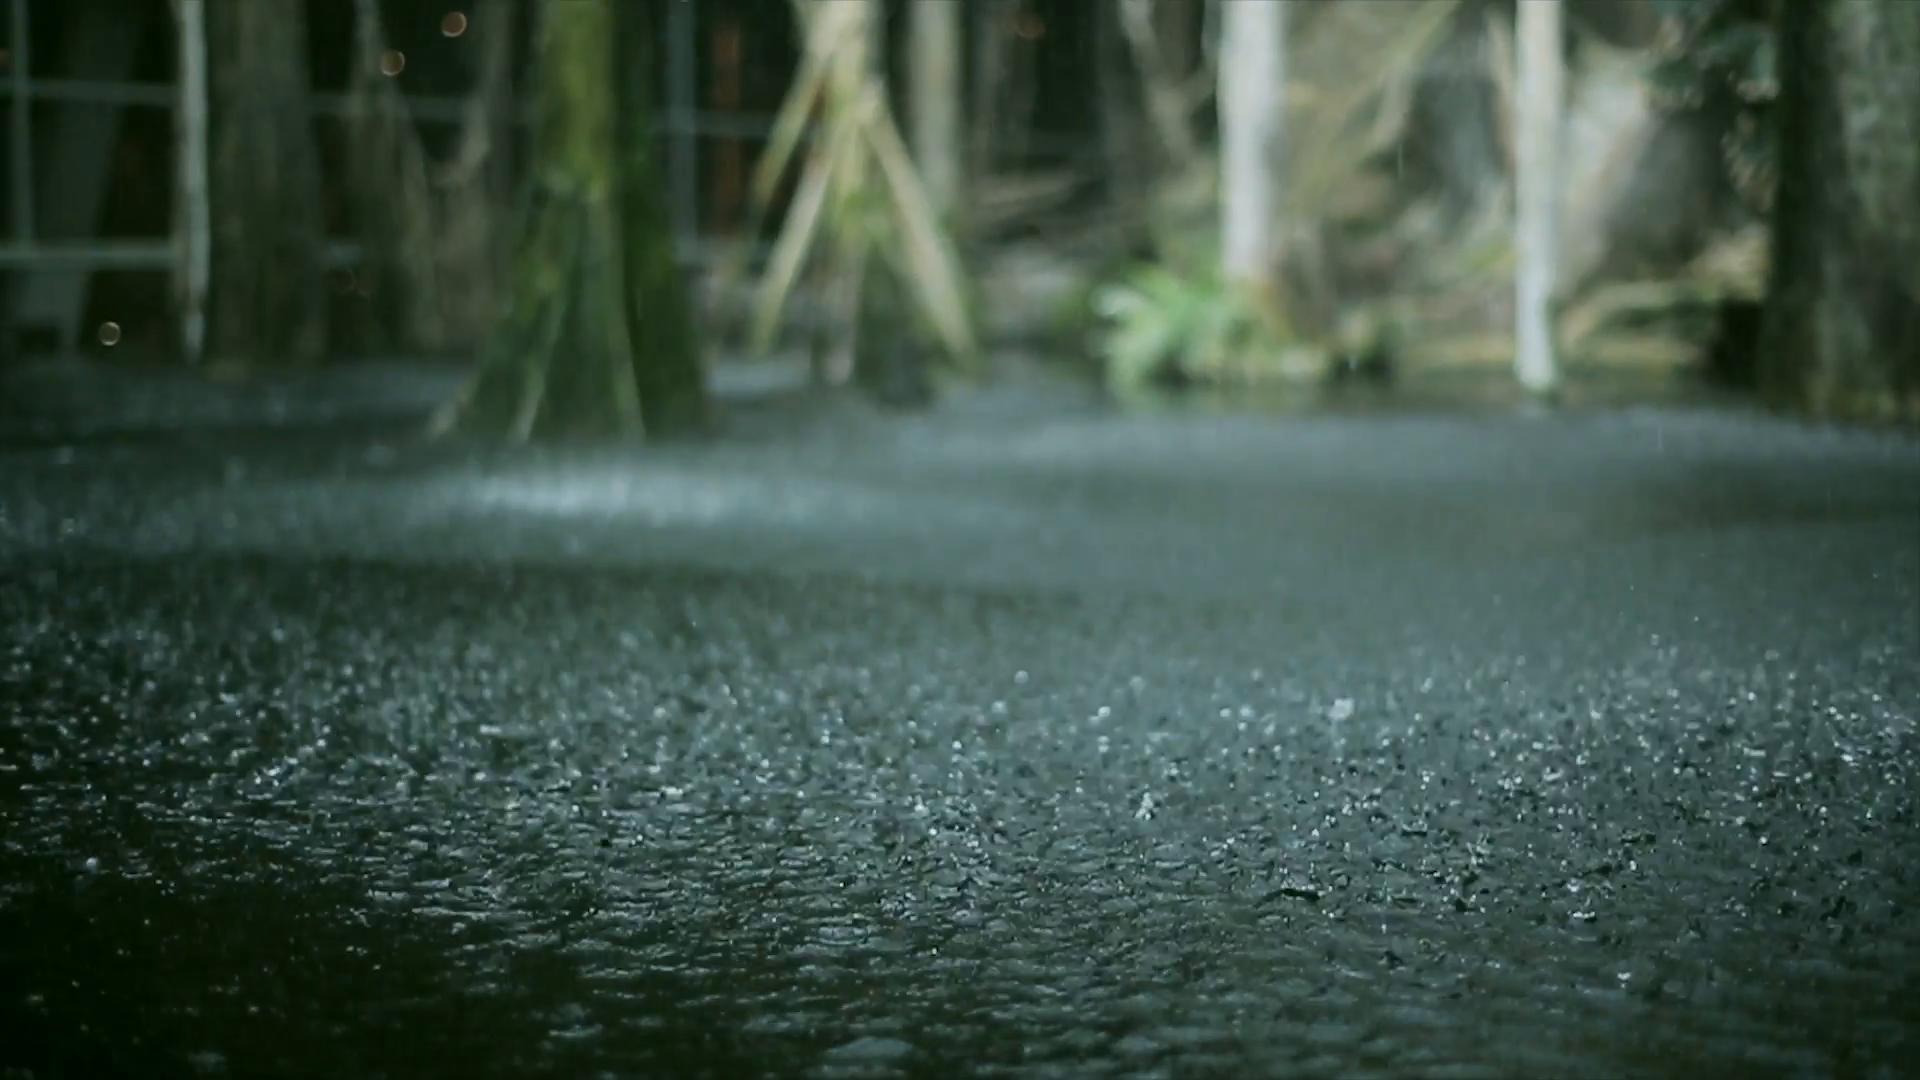 Hình ảnh trời mưa to đẹp